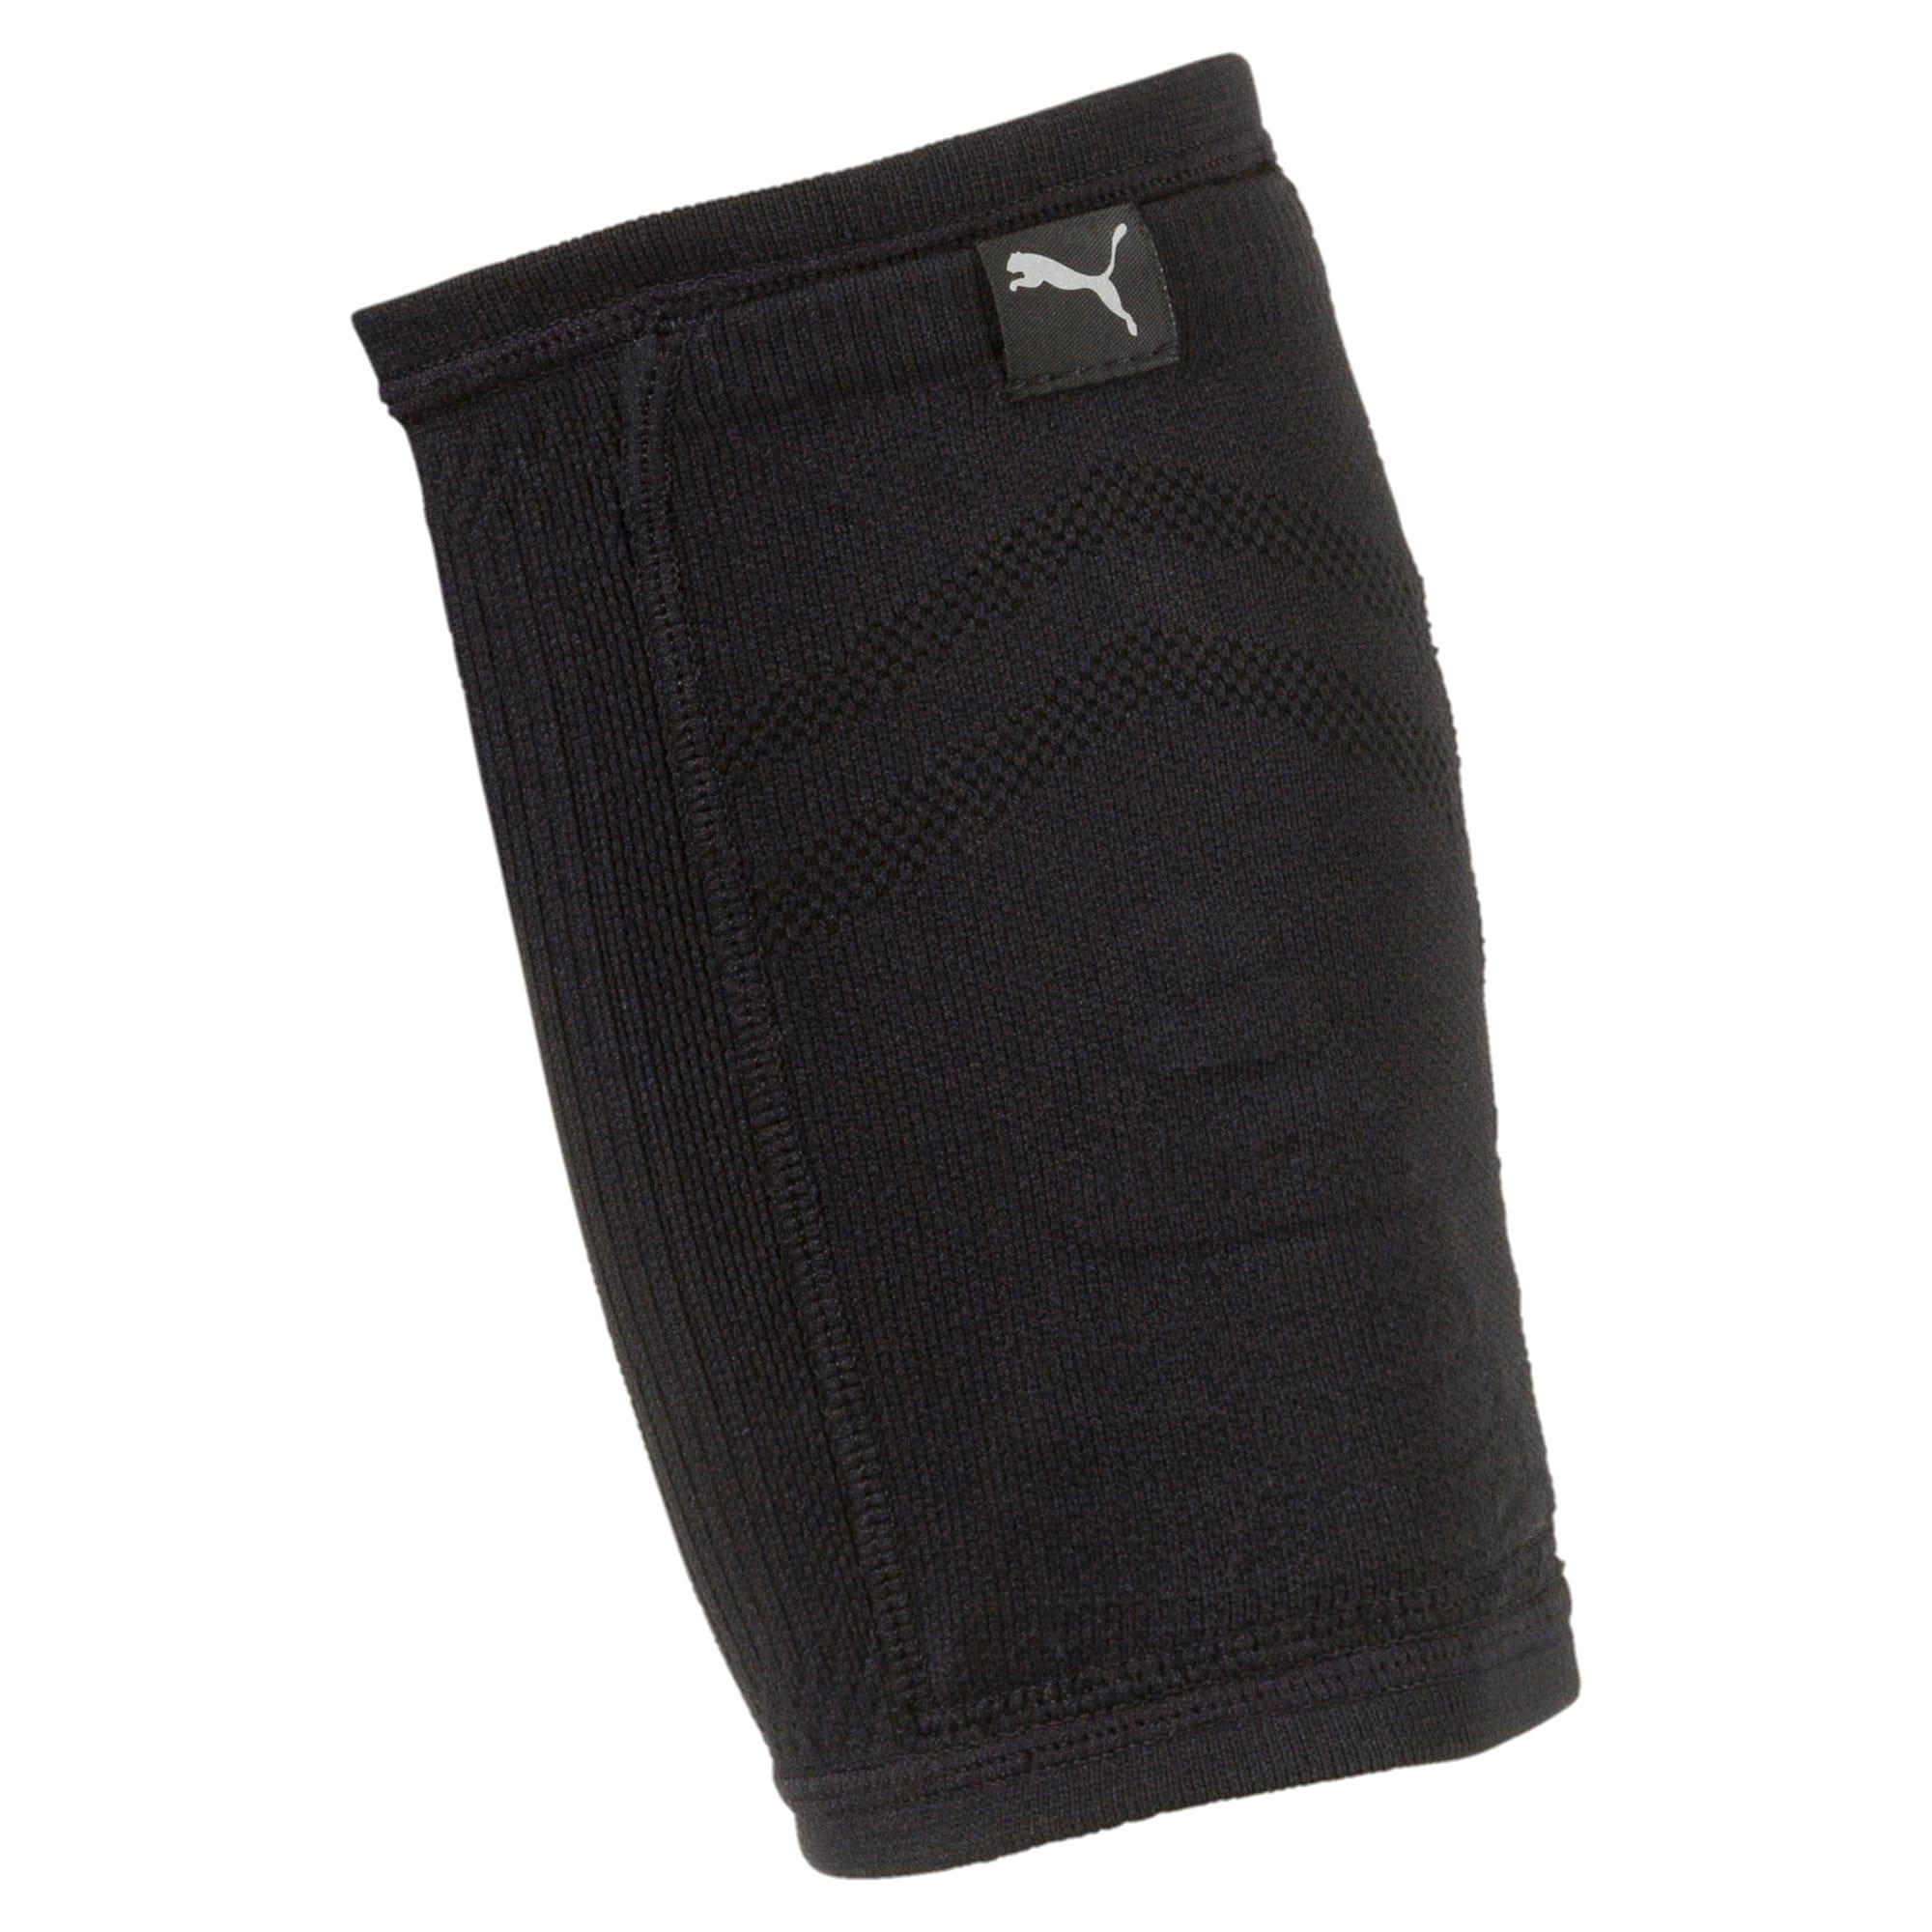 Thumbnail 1 of Running evoKNIT Arm Pocket, Puma Black, medium-IND